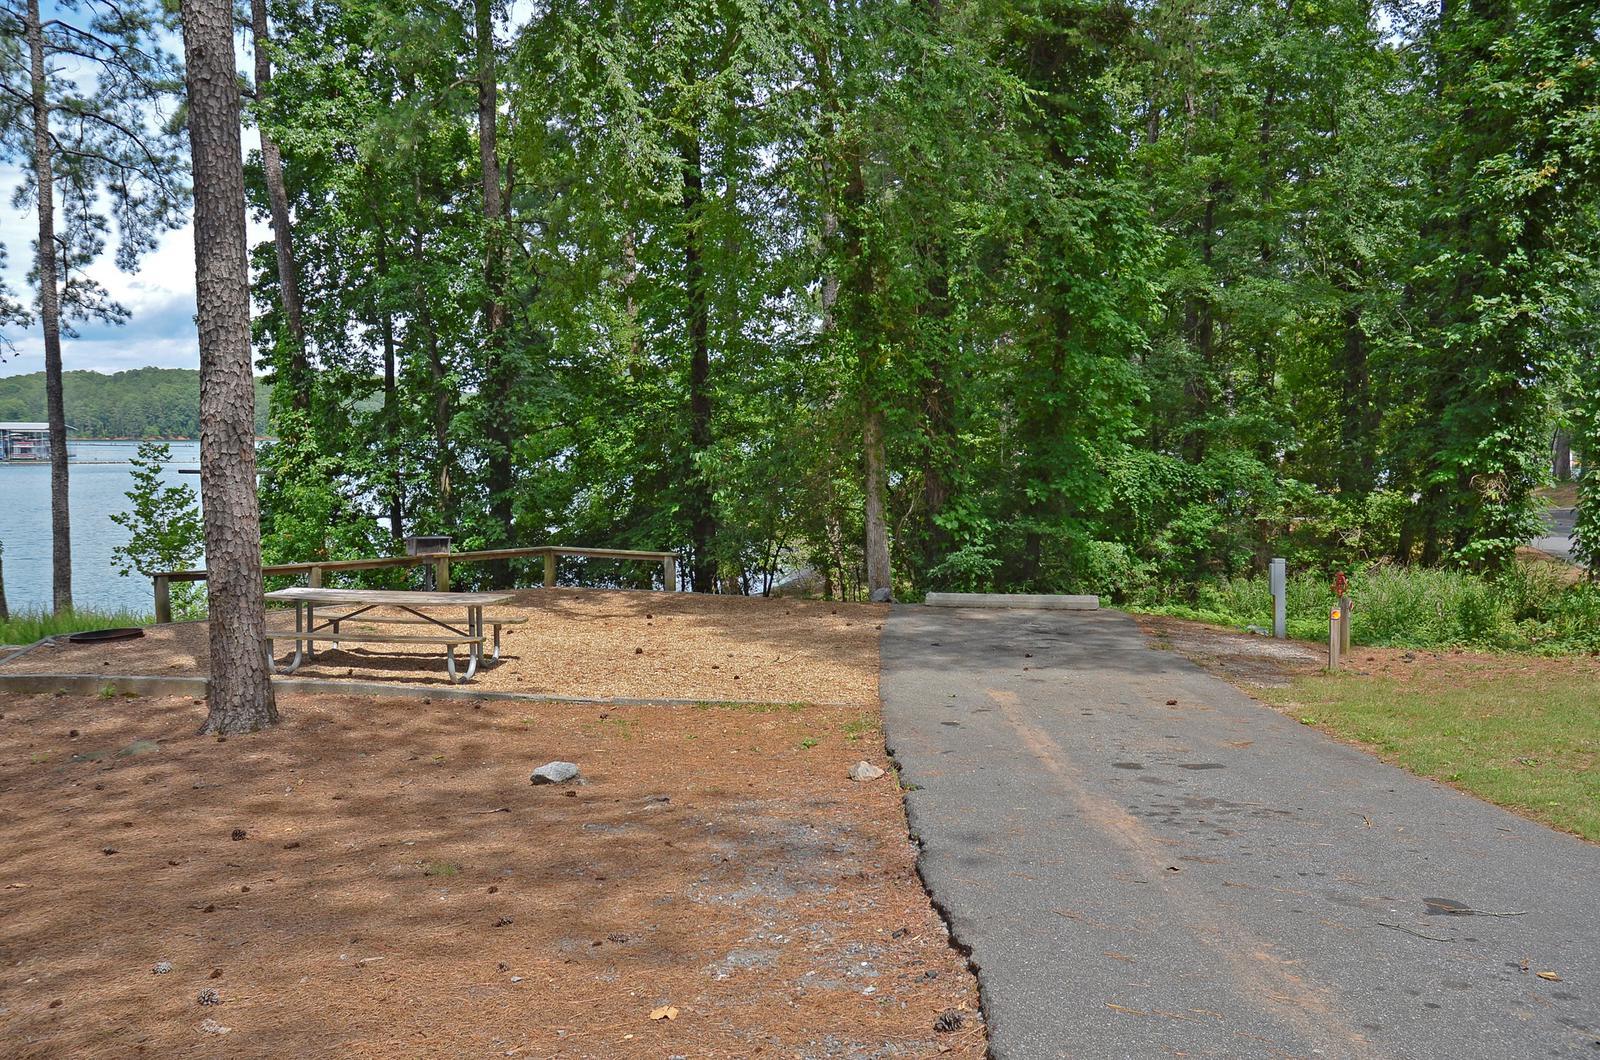 McKinney Campground Site 37